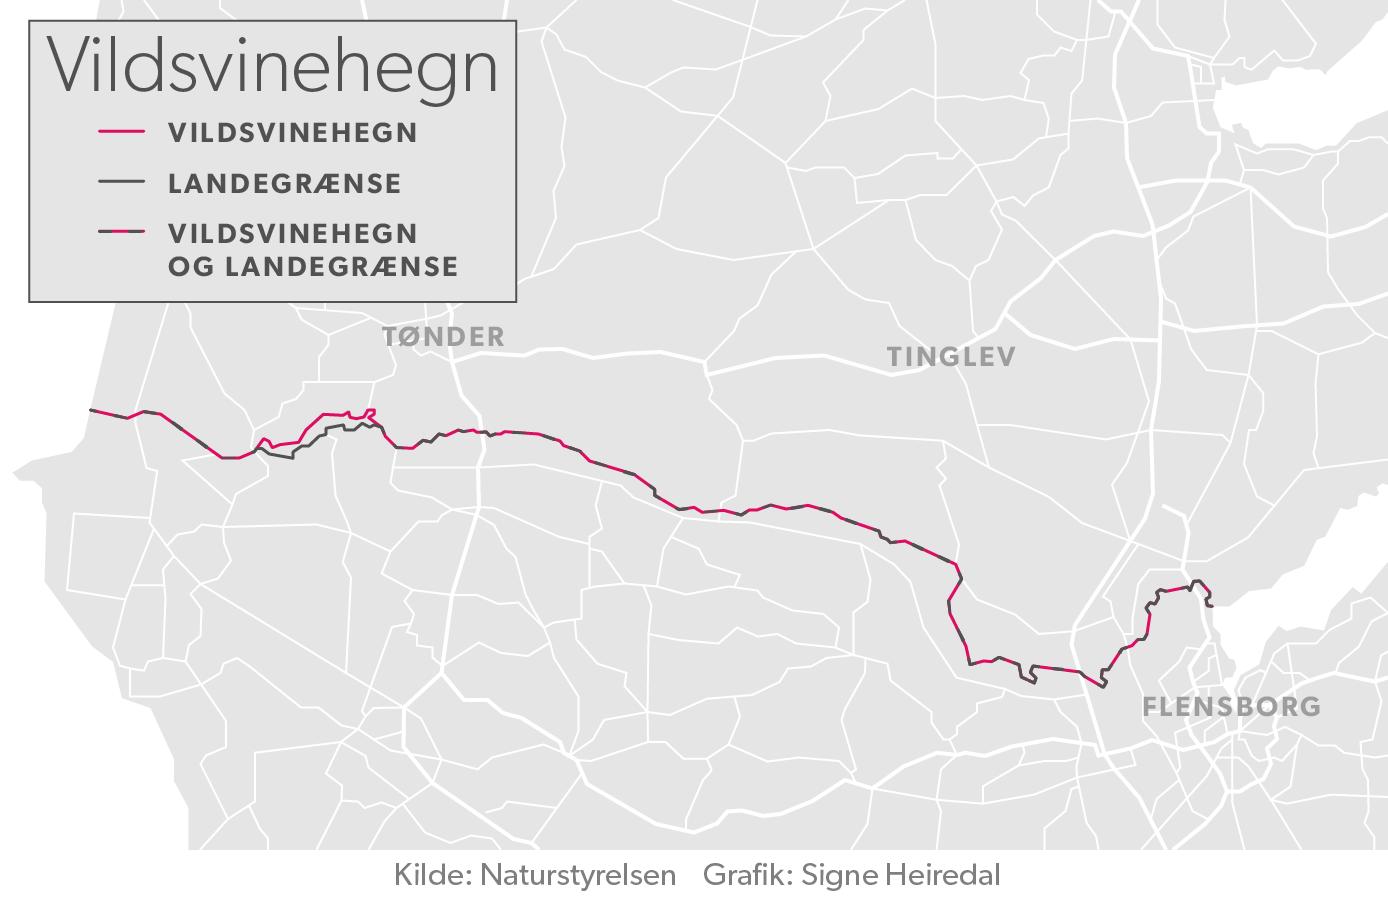 Vildsvinehegnet skal mere eller mindre følge den dansk-tyske grænse.